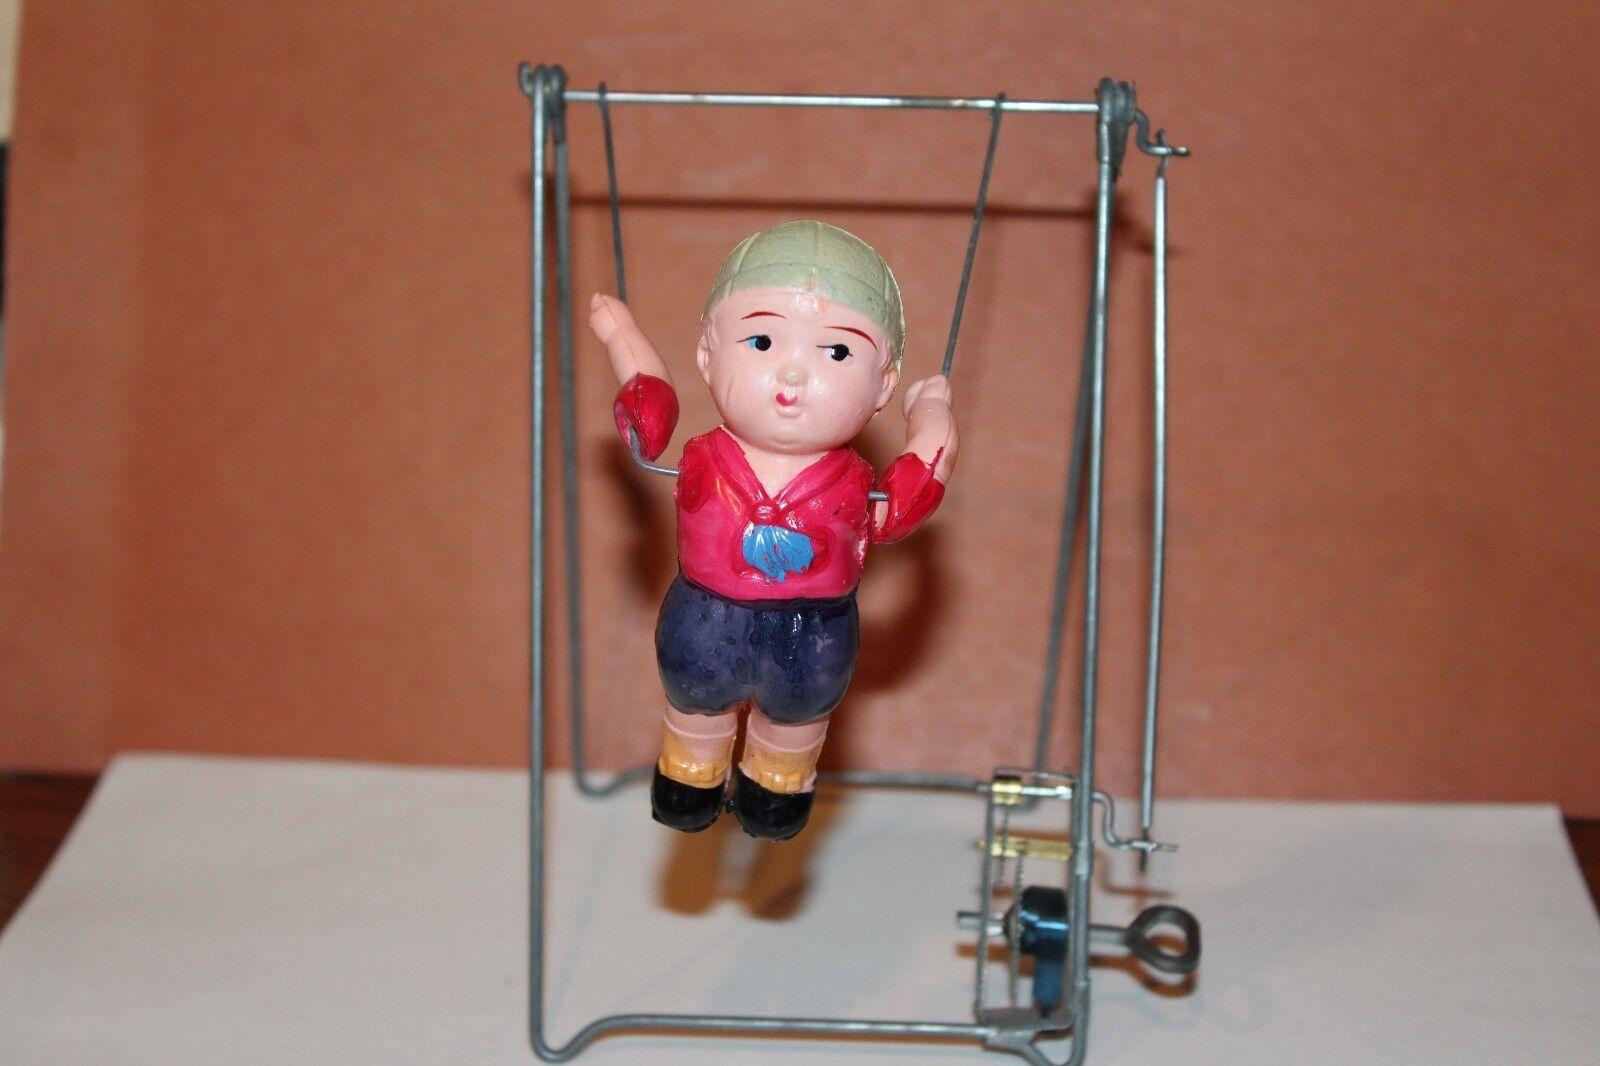 Junge am trapez mechanische wind auf zelluloid